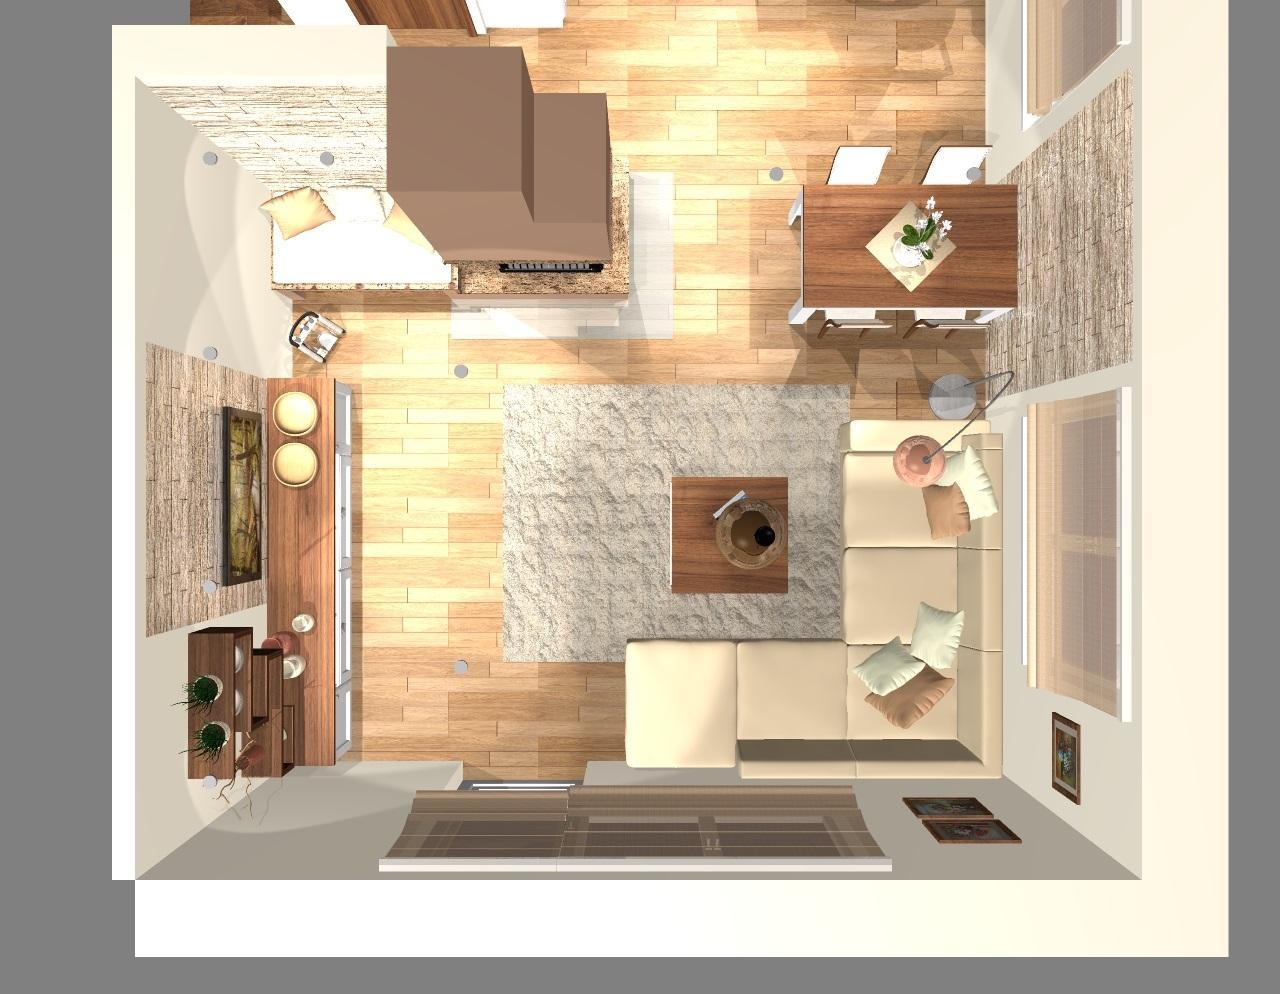 Kuchyňa a obývačka vo vidieckom štýle pre @malekacatko - Grafický návrh obývačky vo vidieckom štýle - obr. 9